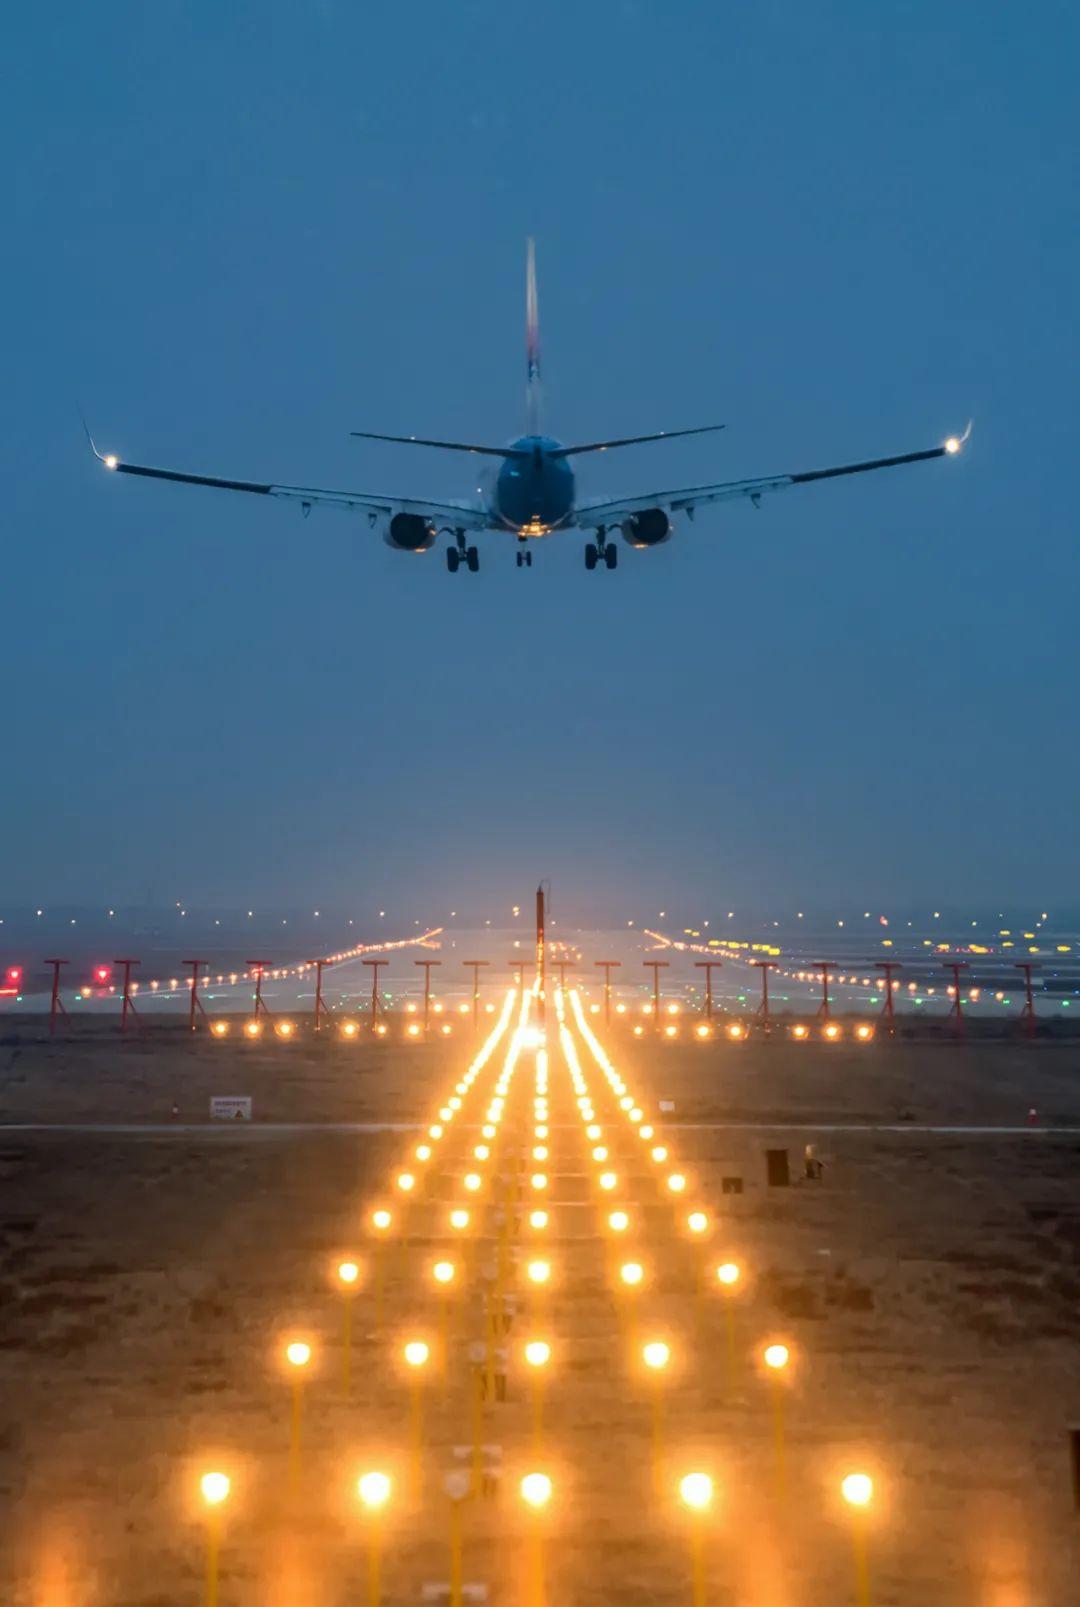 ▲ 新郑国际机场,国际航空货运枢纽机场、中国八大区域性枢纽机场之一。摄影/焦潇翔